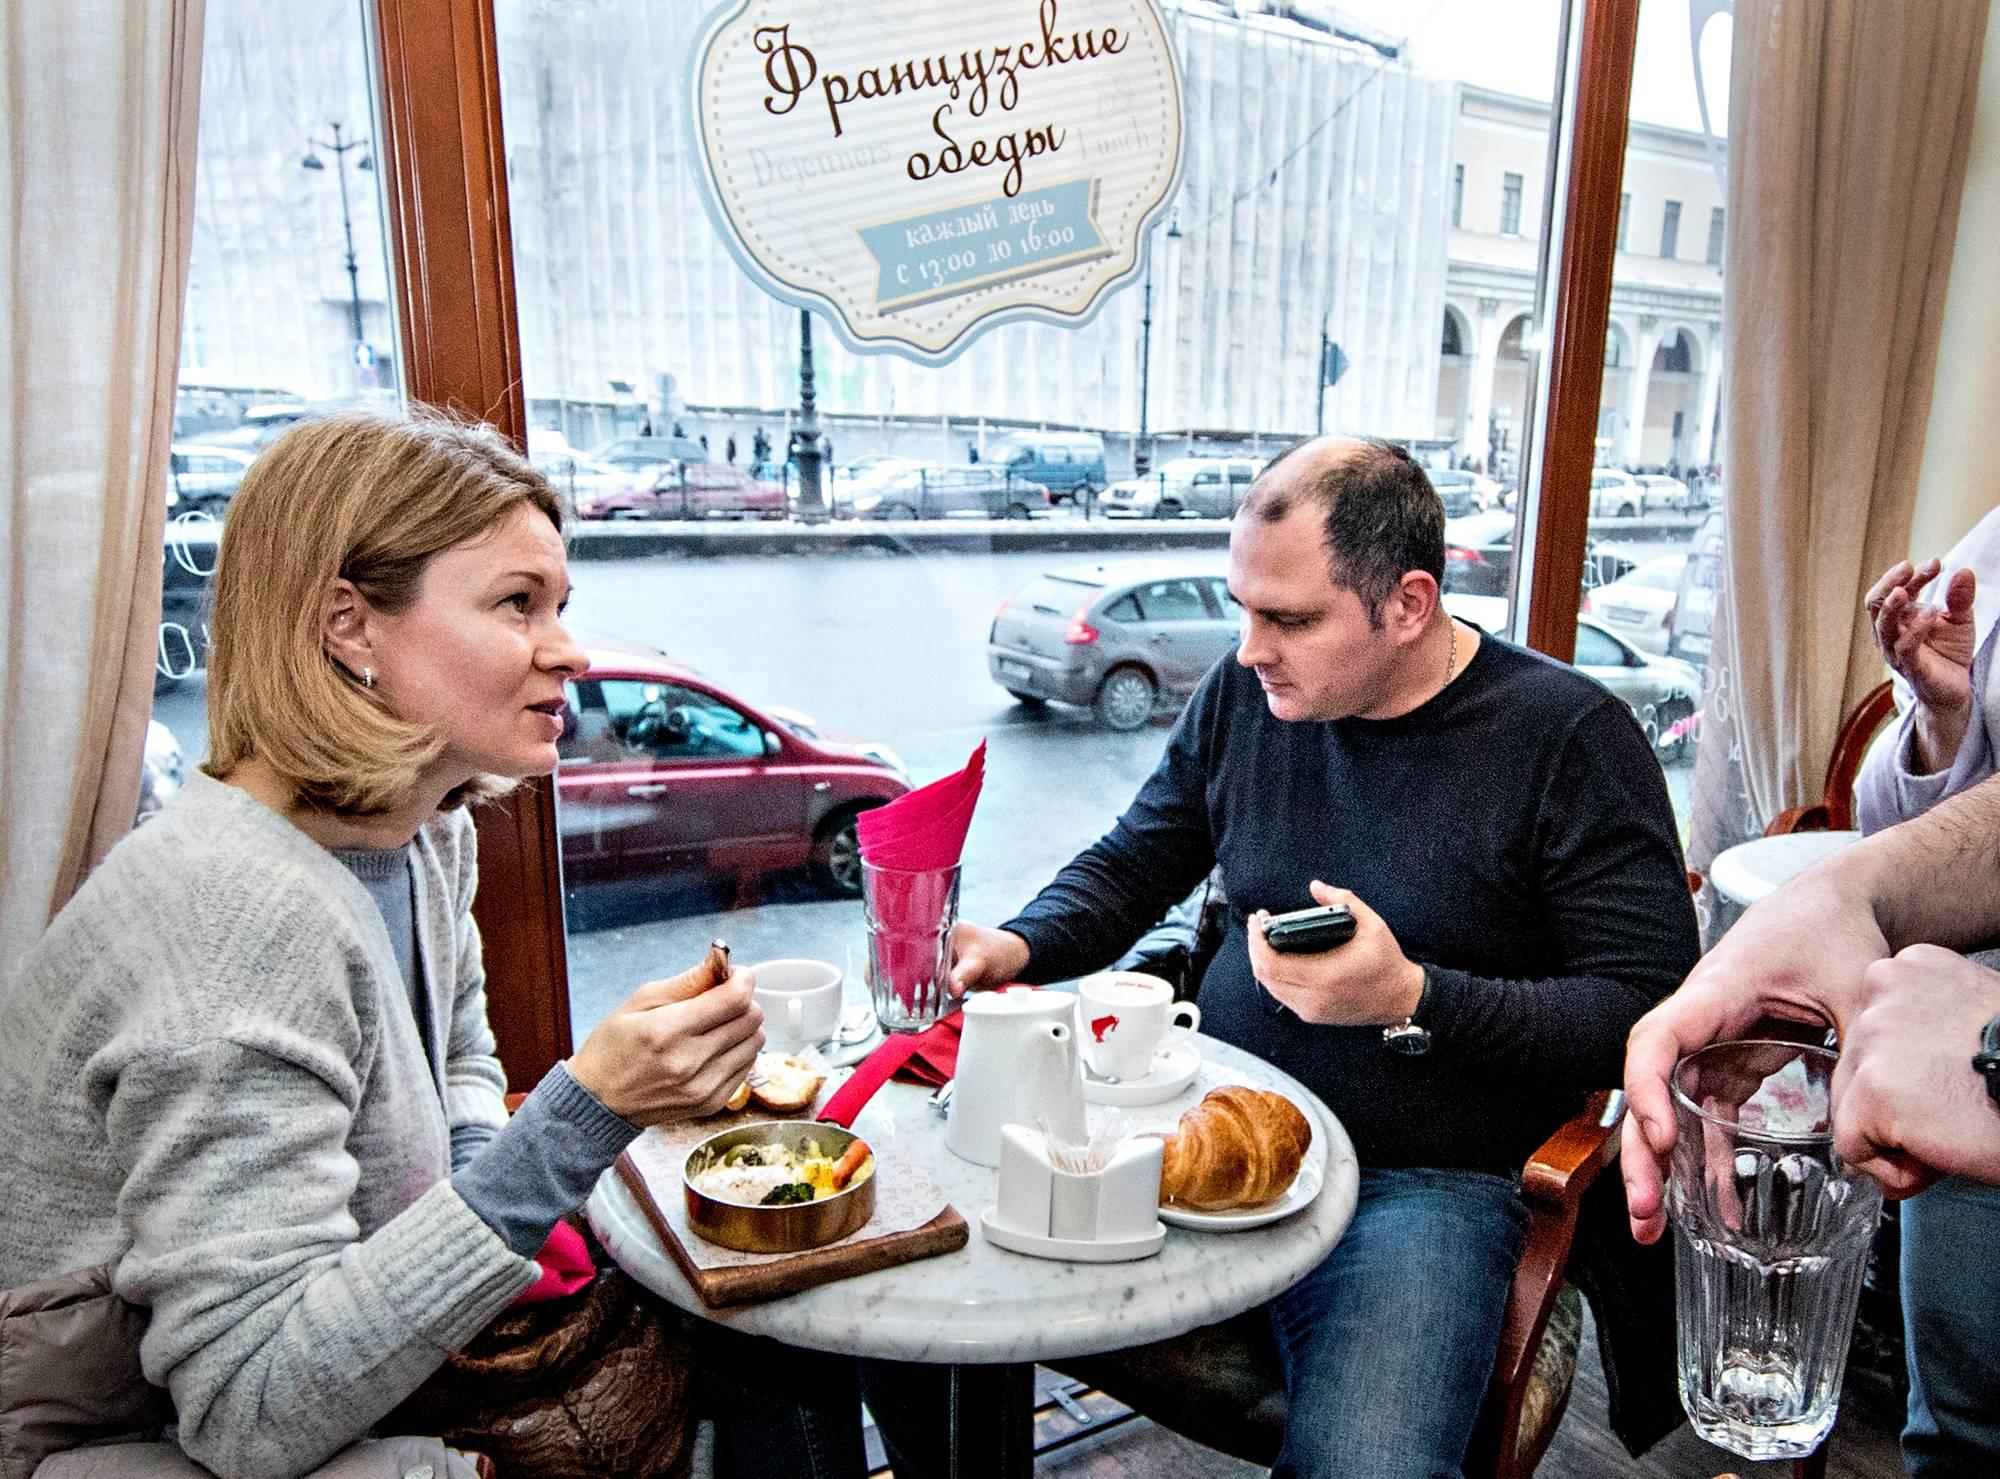 Natalija ja Aleksandr Sebastjonovitš pitävät Venäjää käytännössä diktatuurina.